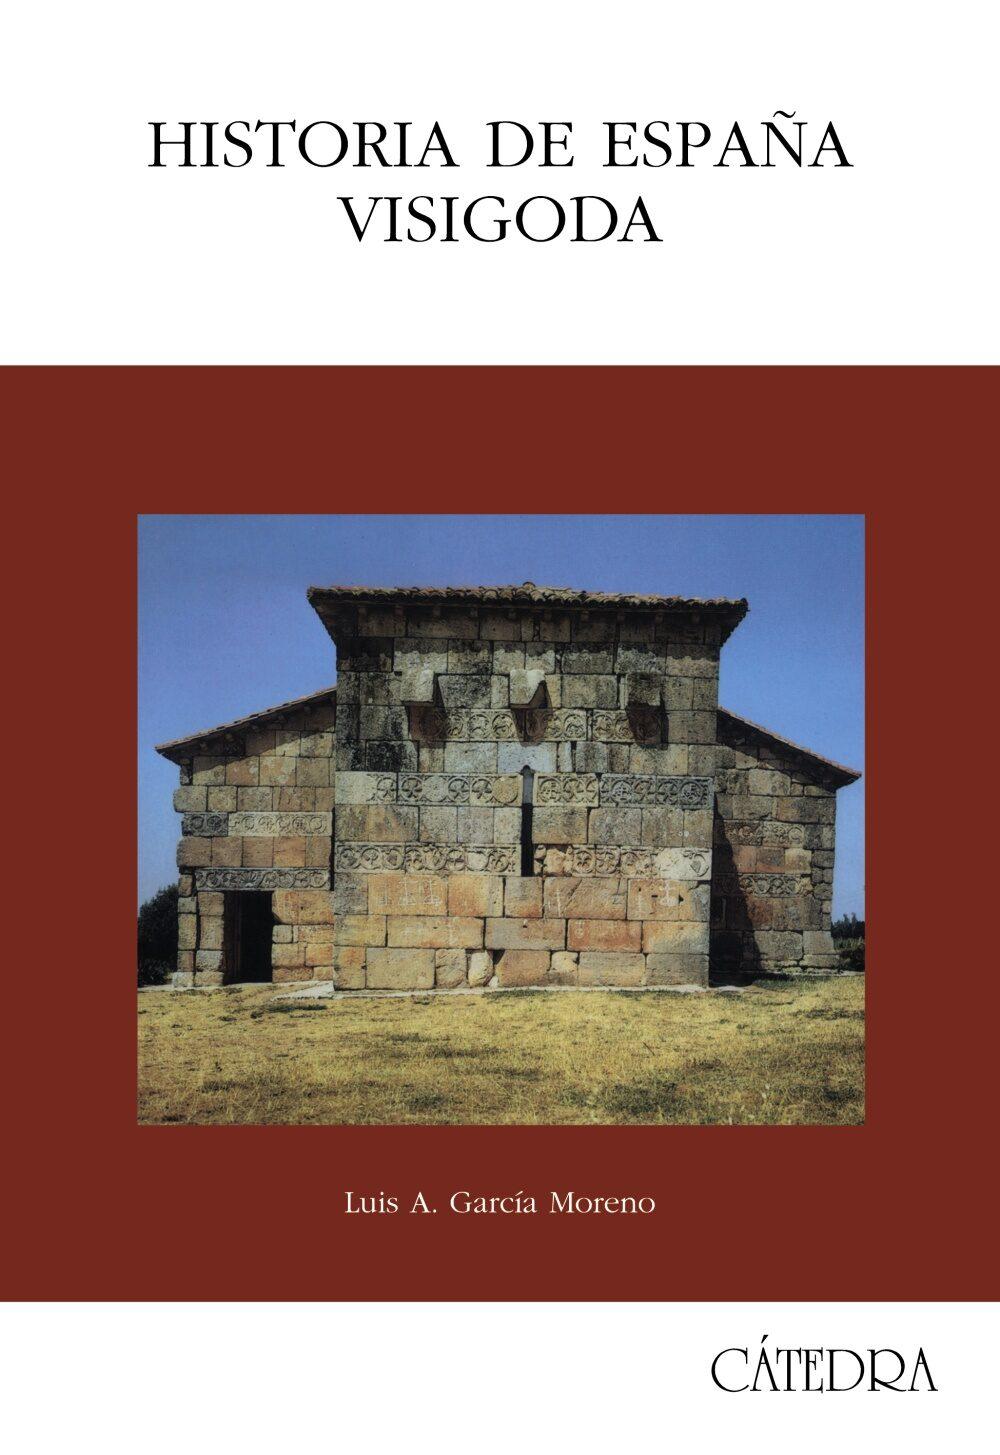 historia de españa visigoda-luis a. garcia moreno-9788437608211